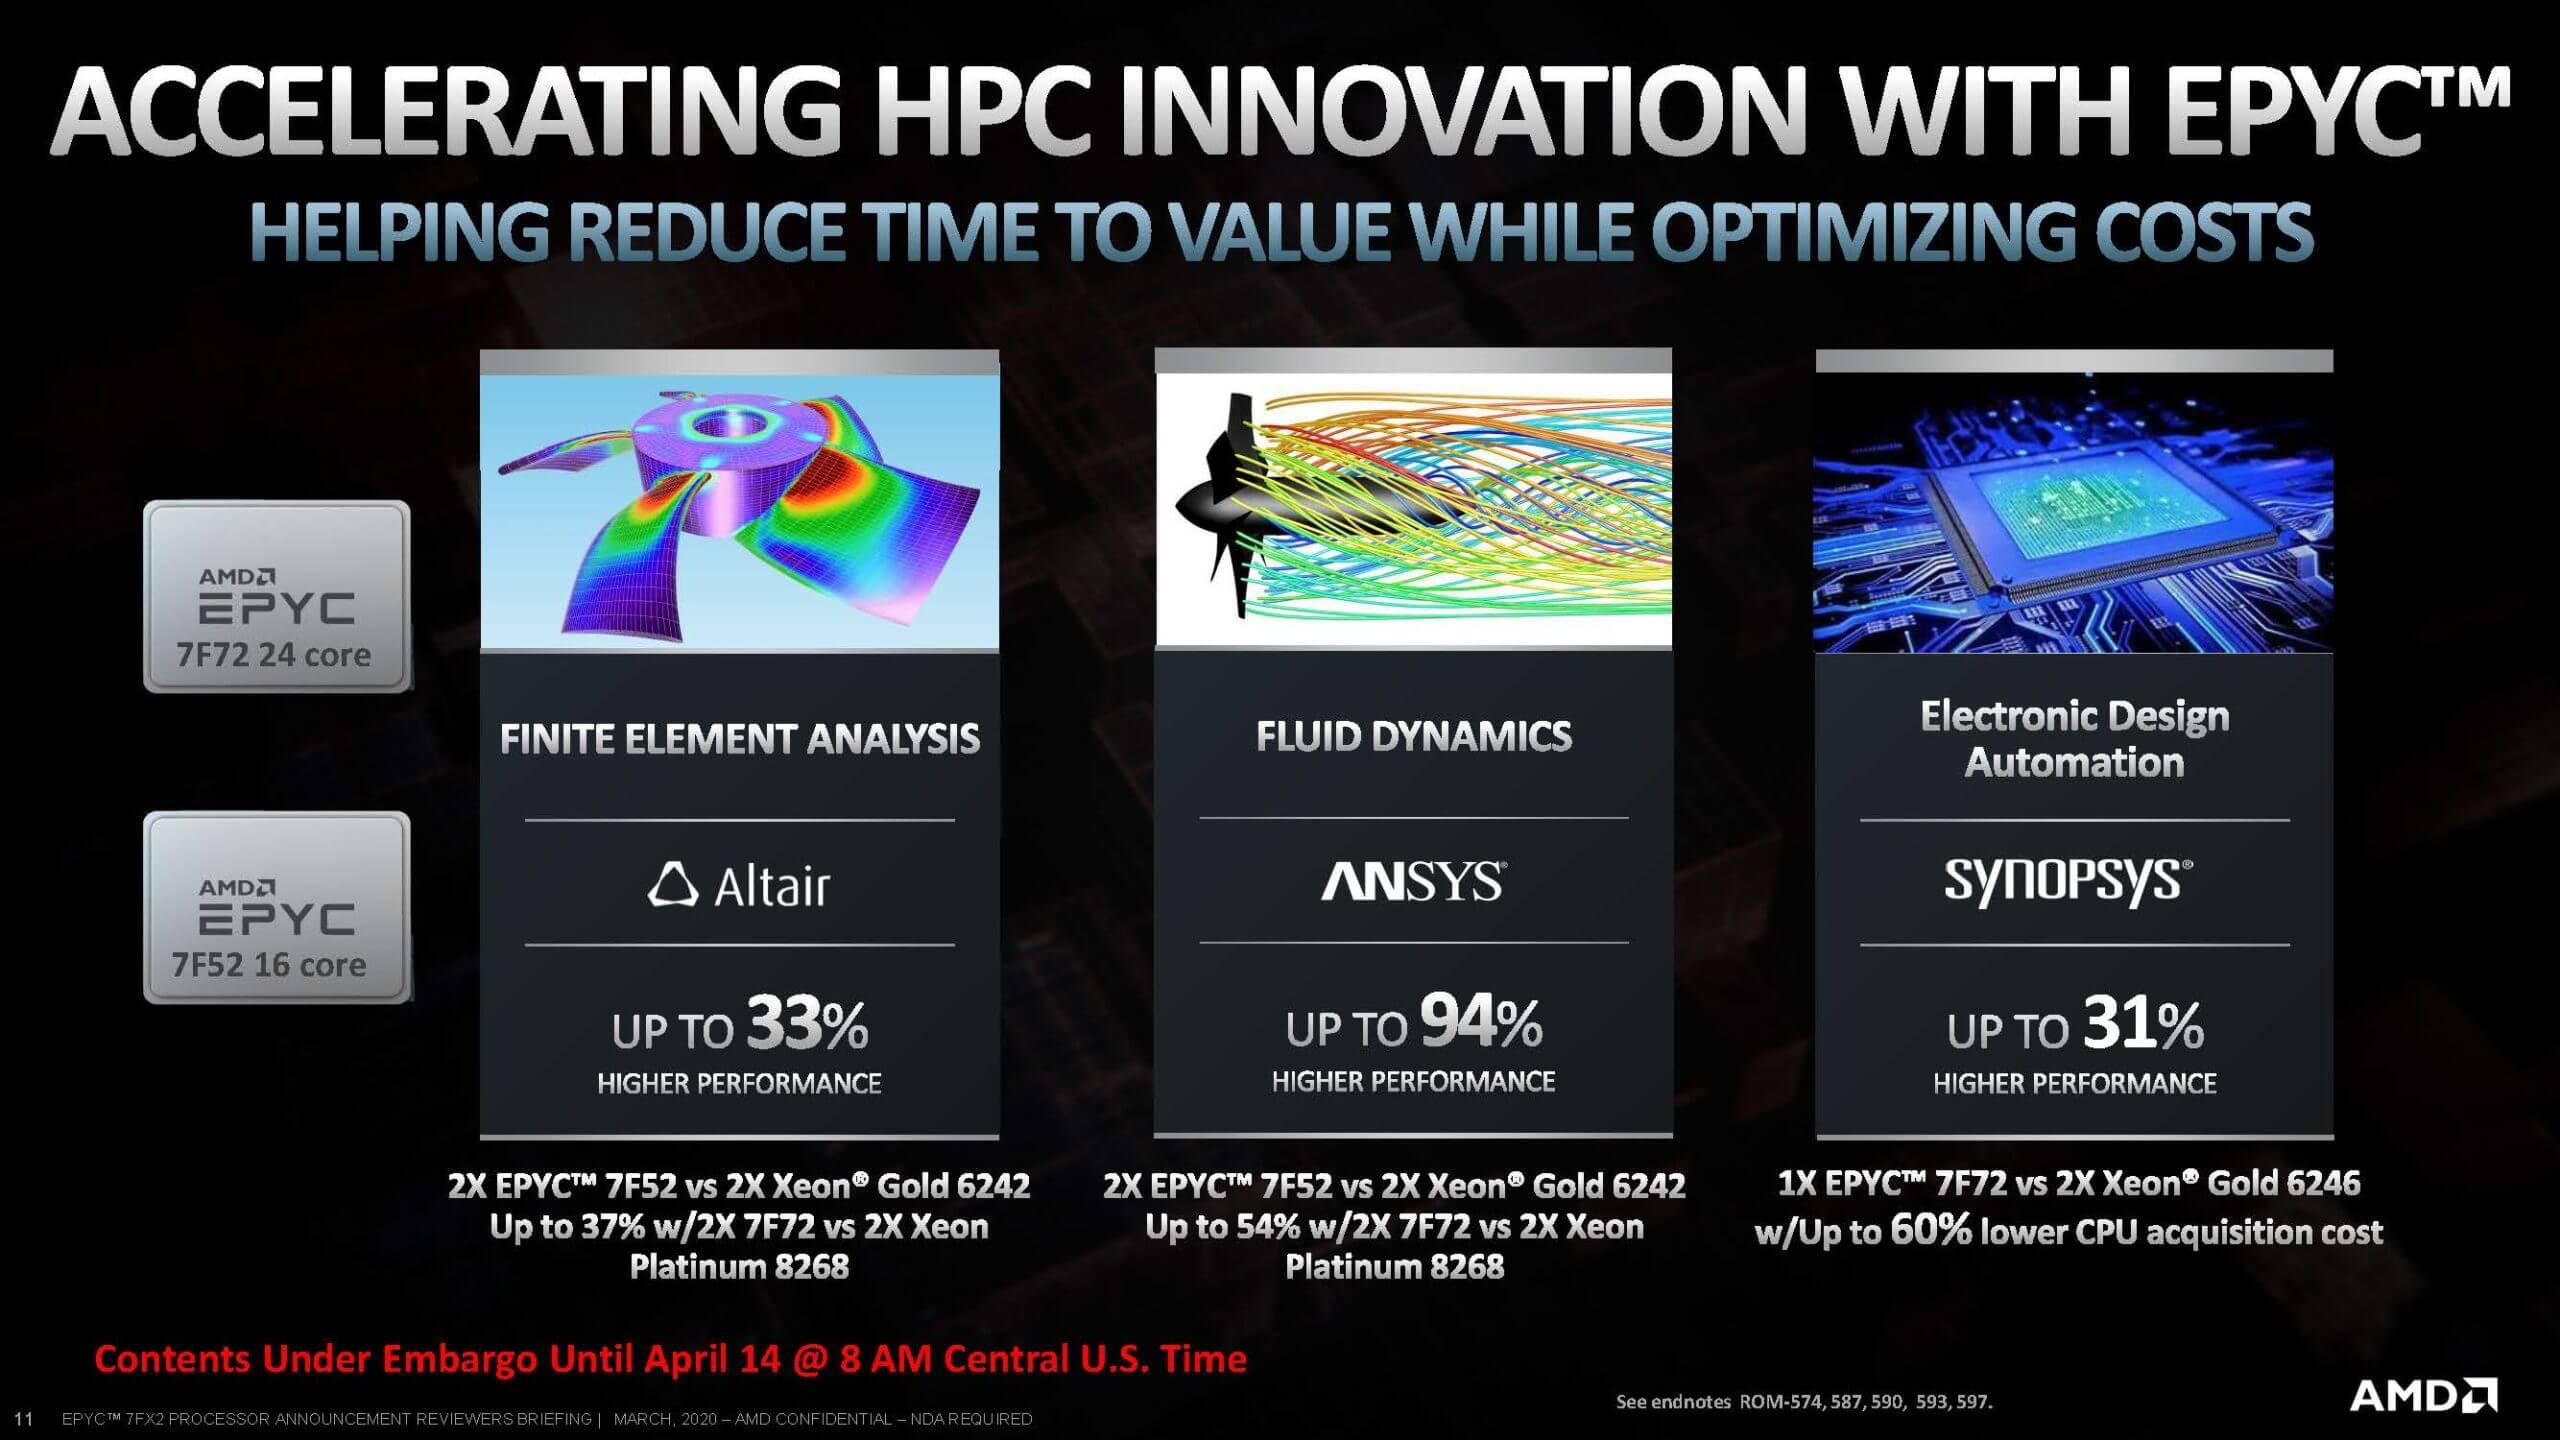 AMD EPYC 7Fx2 Launch Performance scaled